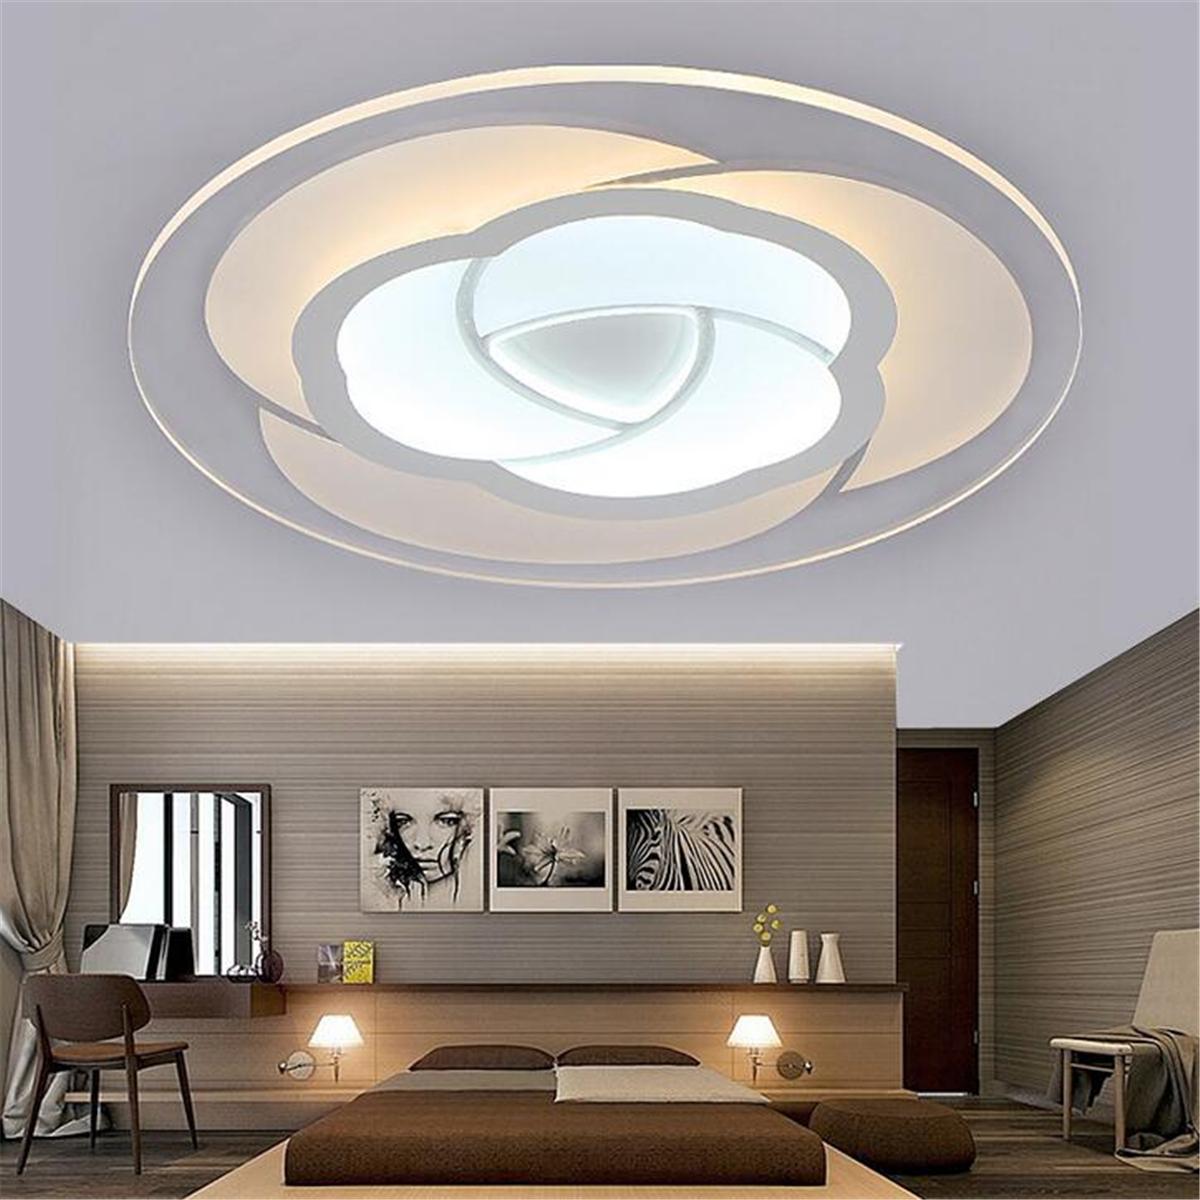 Led Modern Flower Acrylic Ceiling Light Chandelier